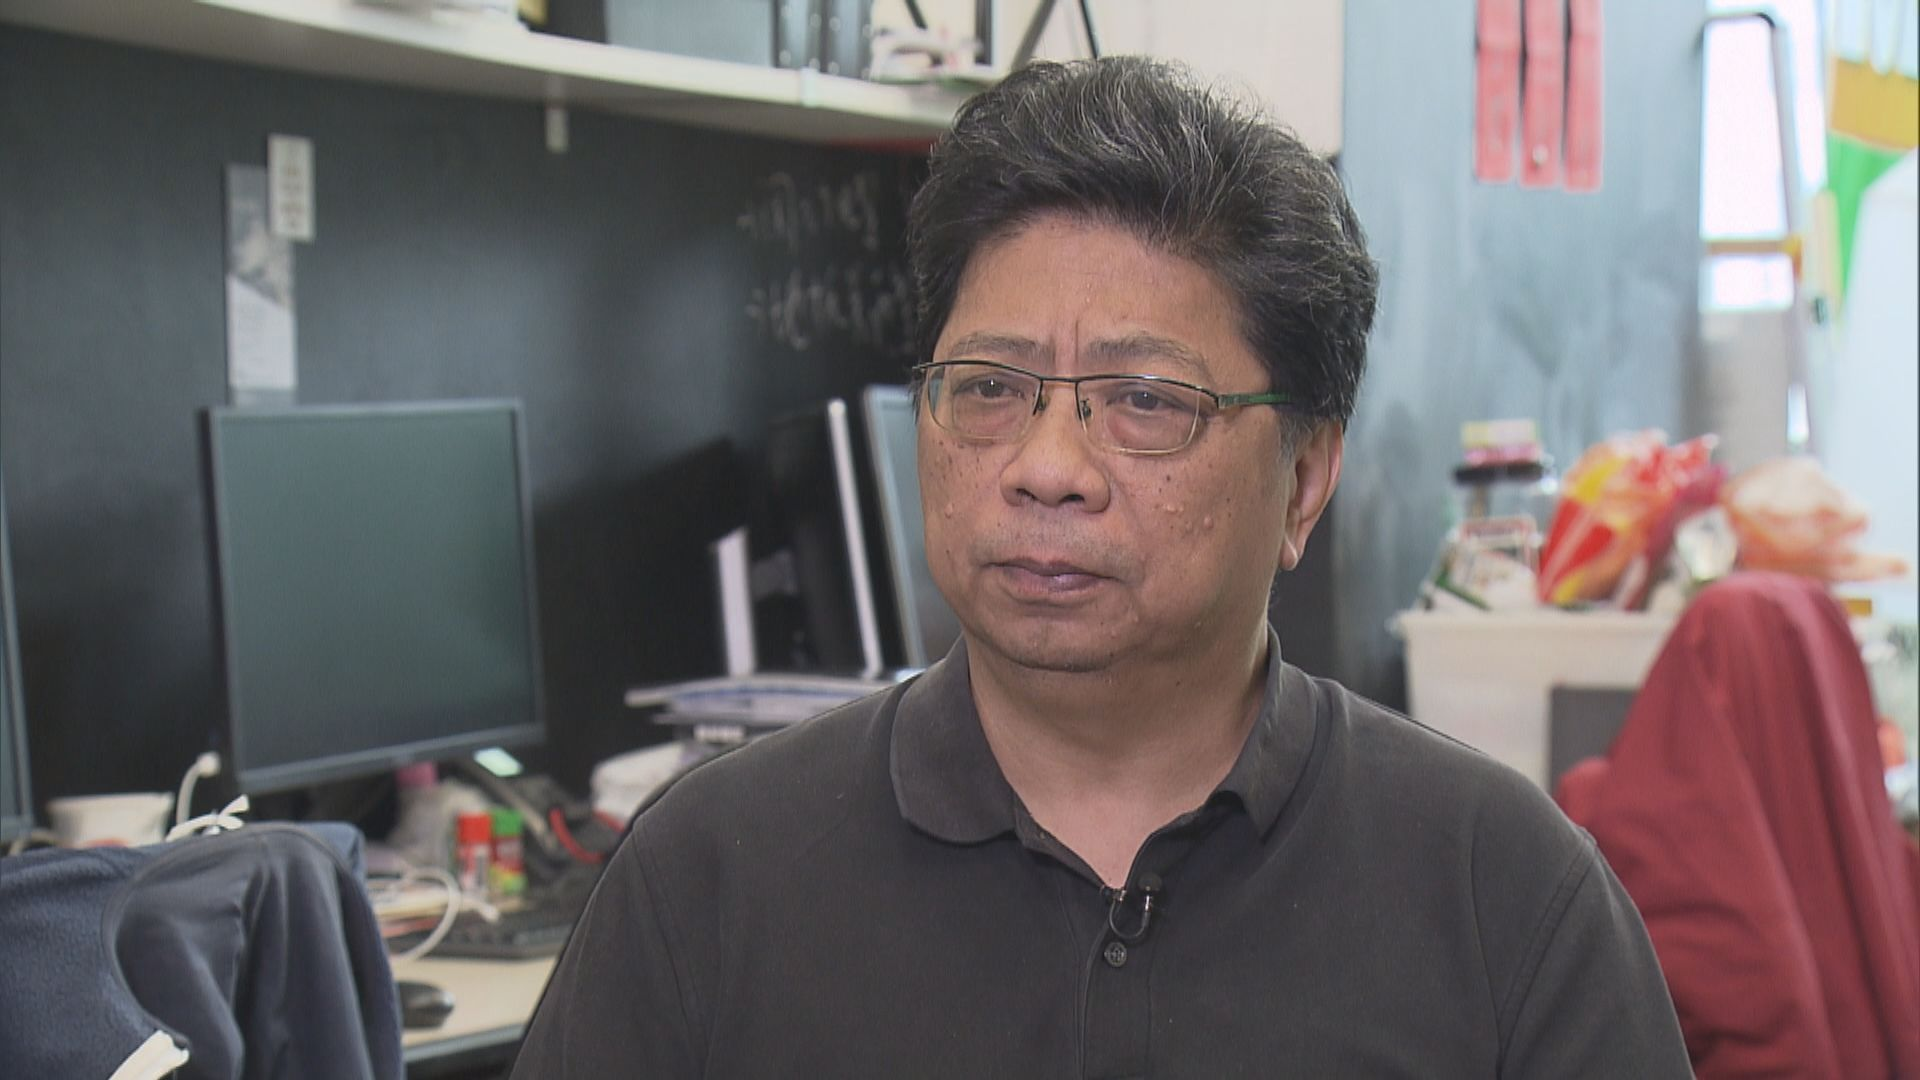 楊健興:國安法範圍廣泛 憂傳媒自我審查